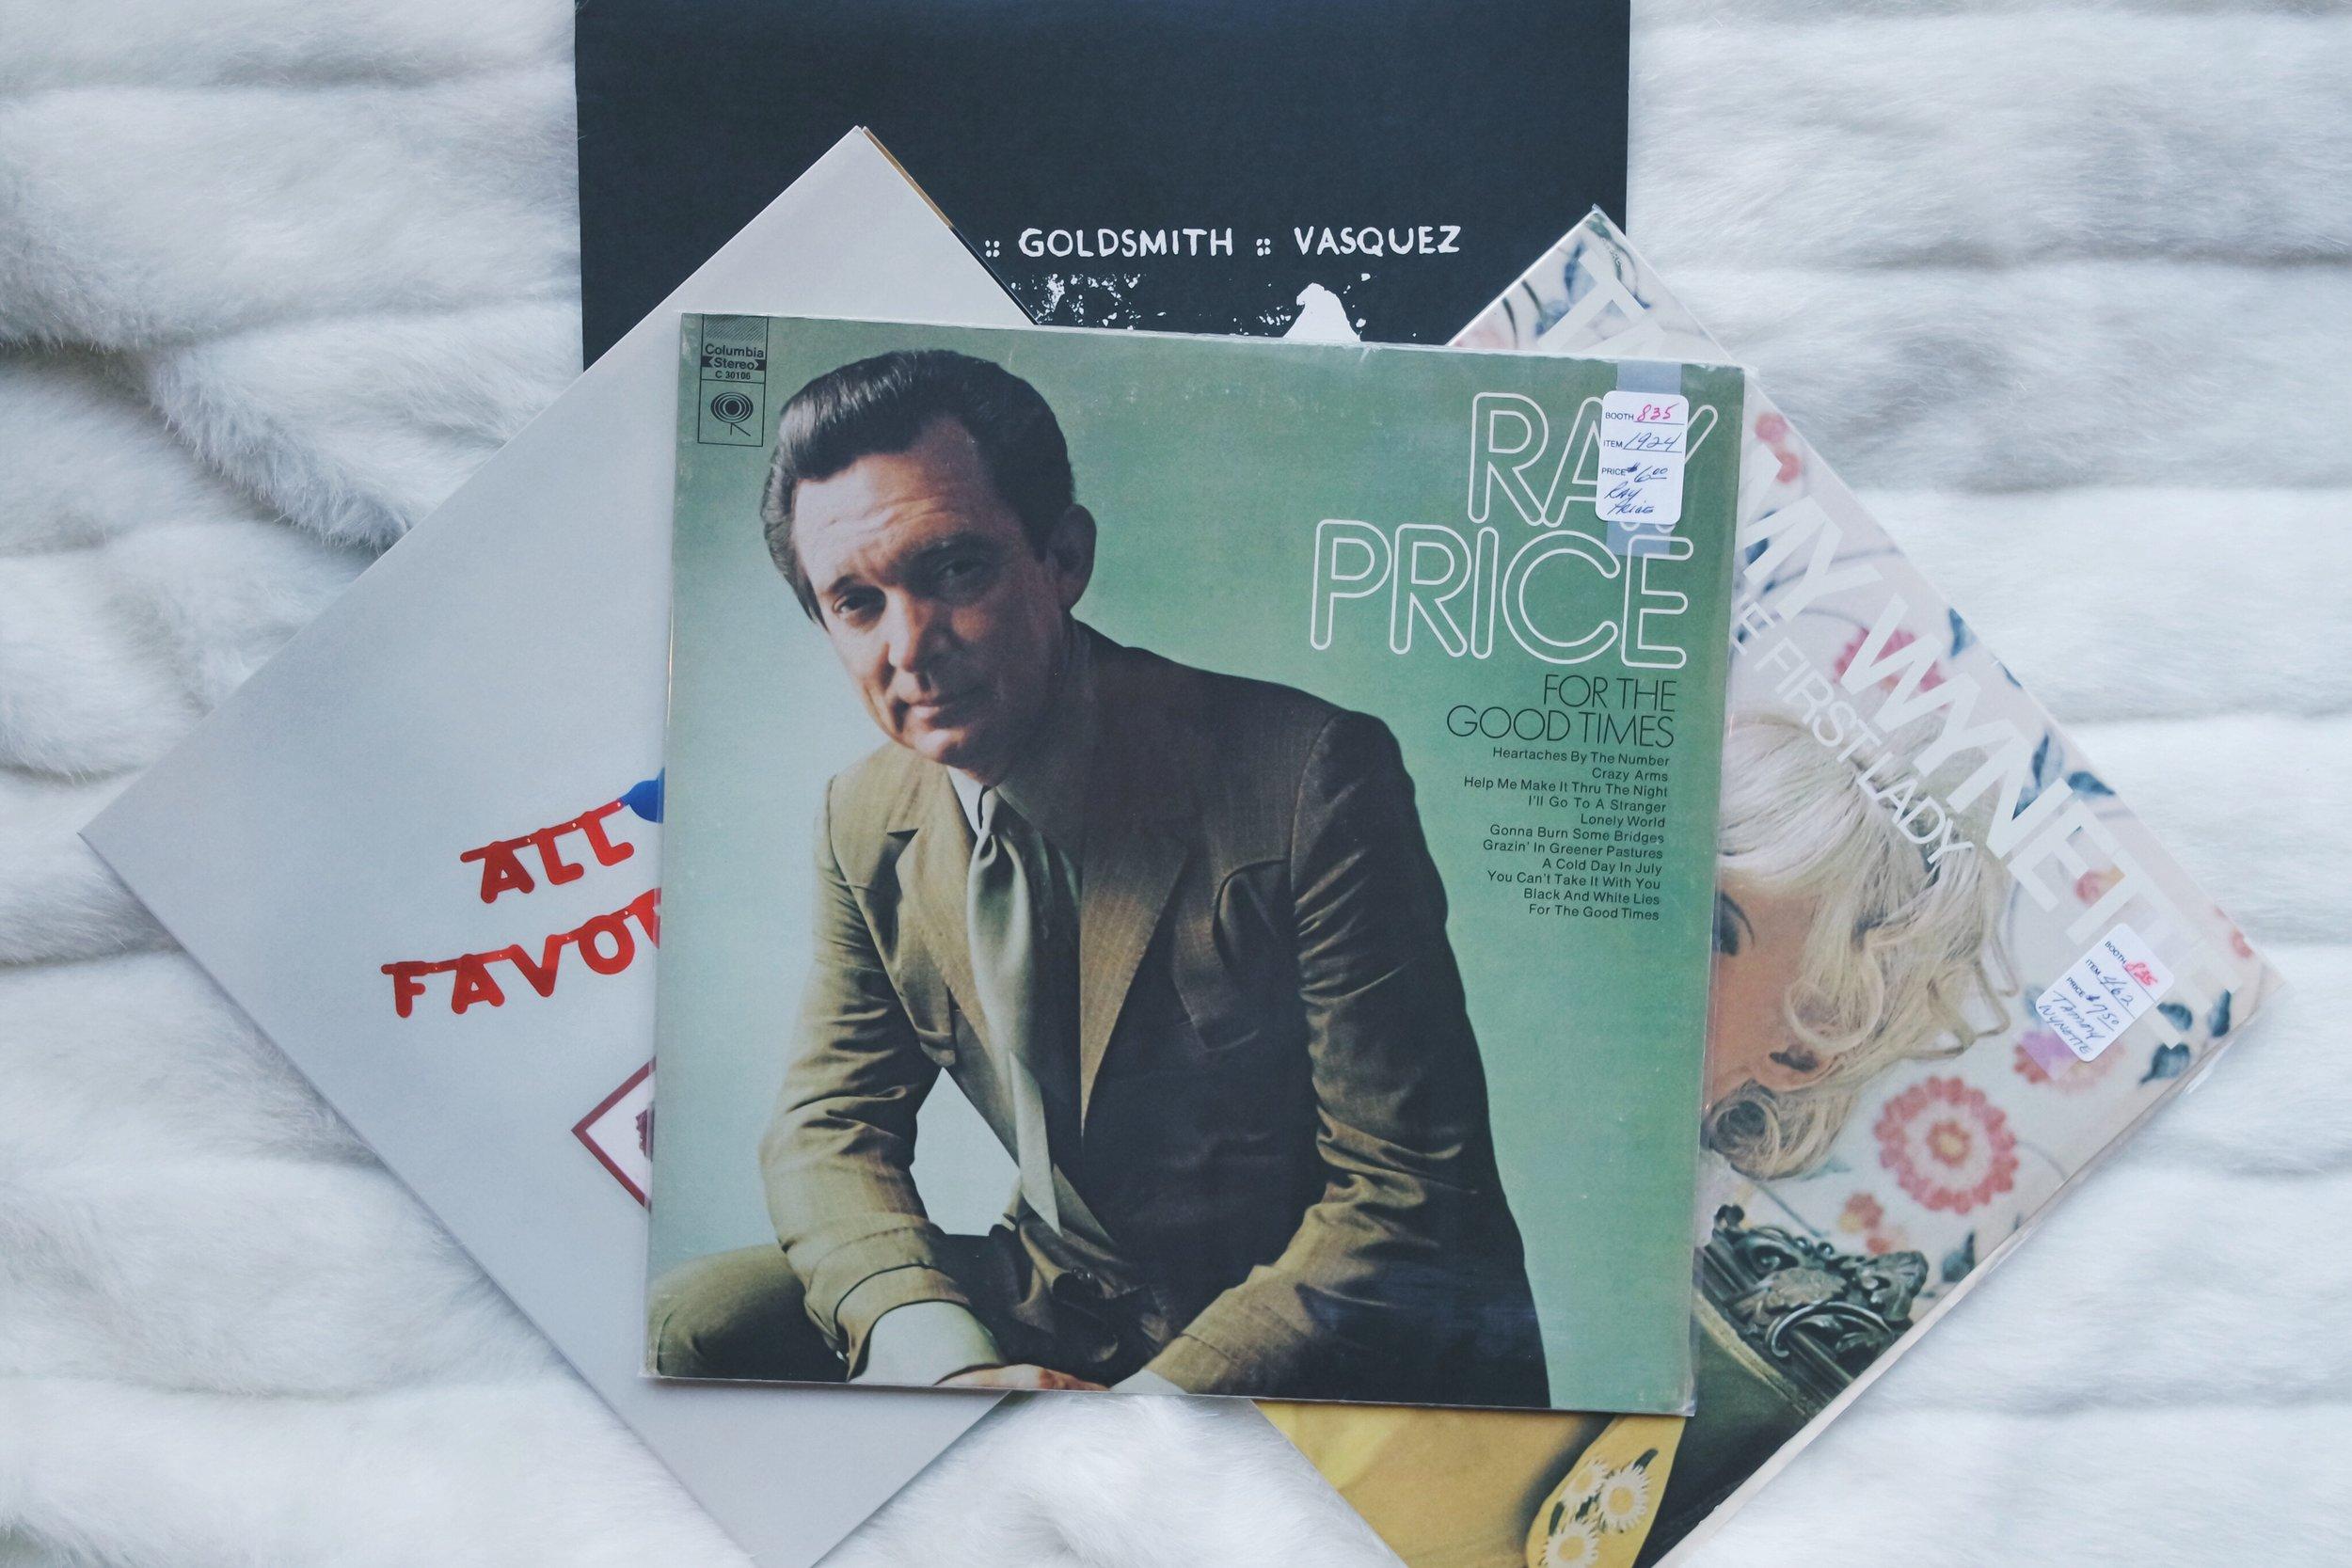 Ray Price Vinyl